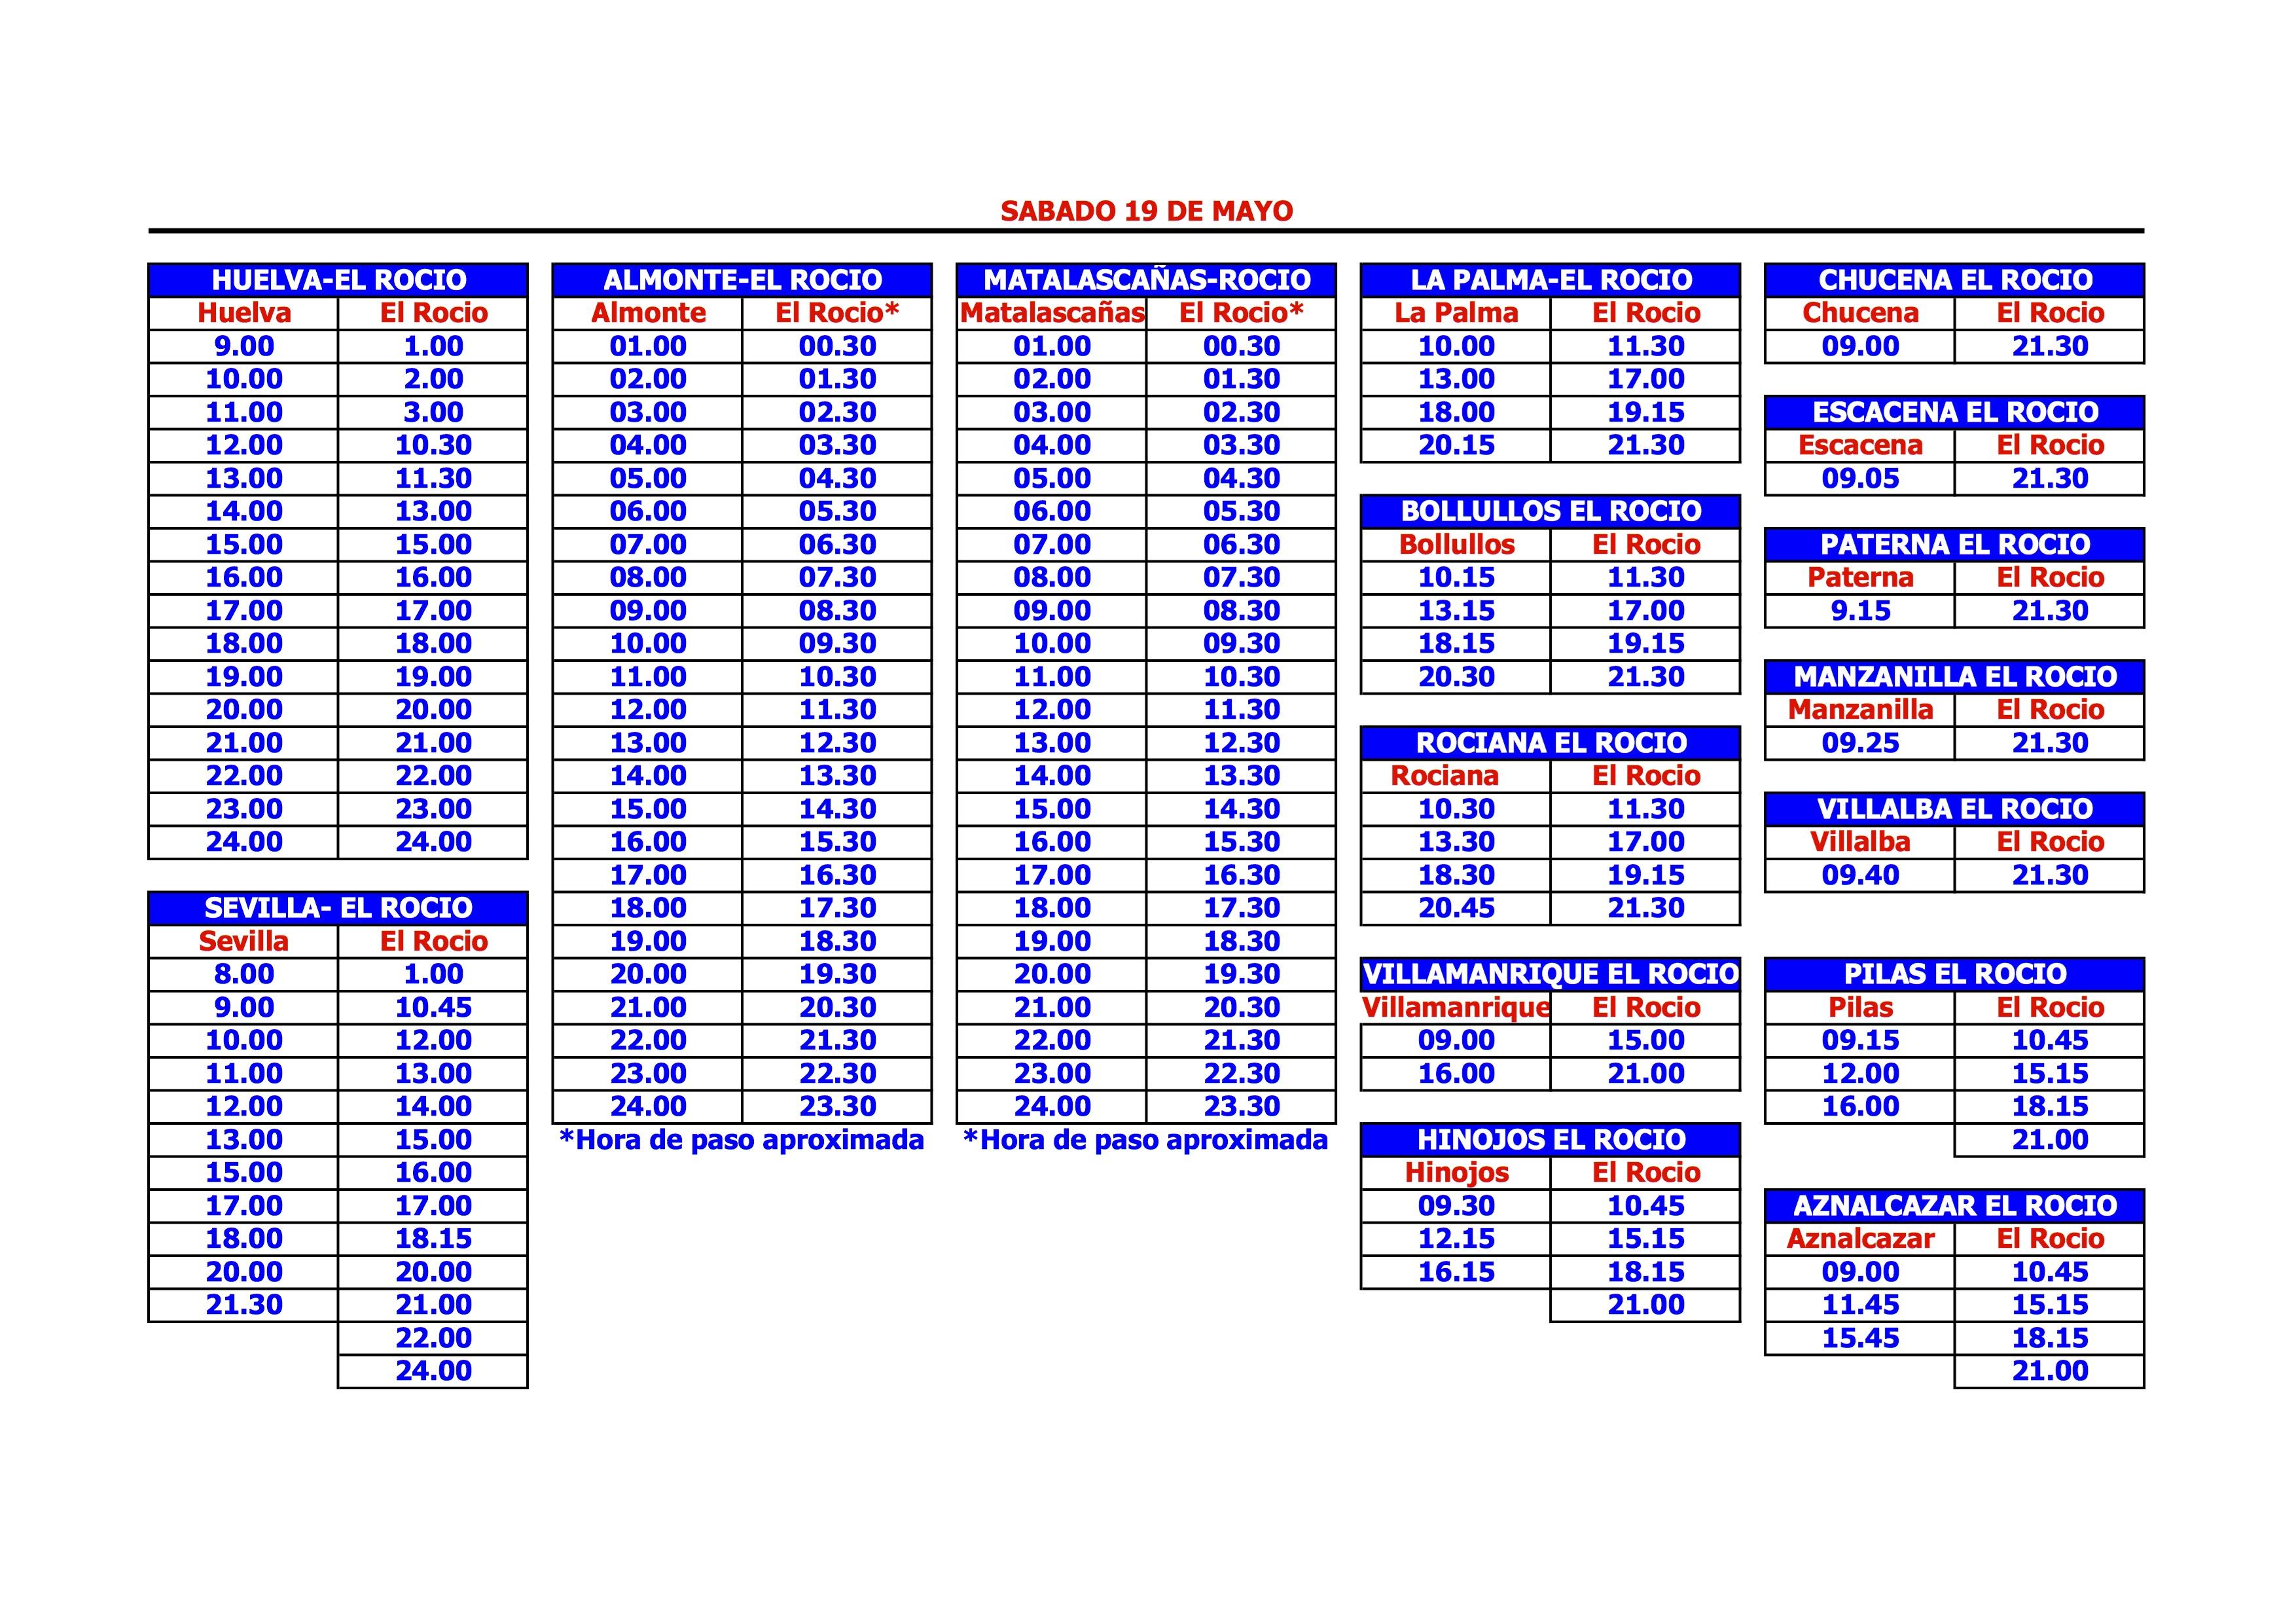 horario-autobus-damas-al-rocio-2018-2